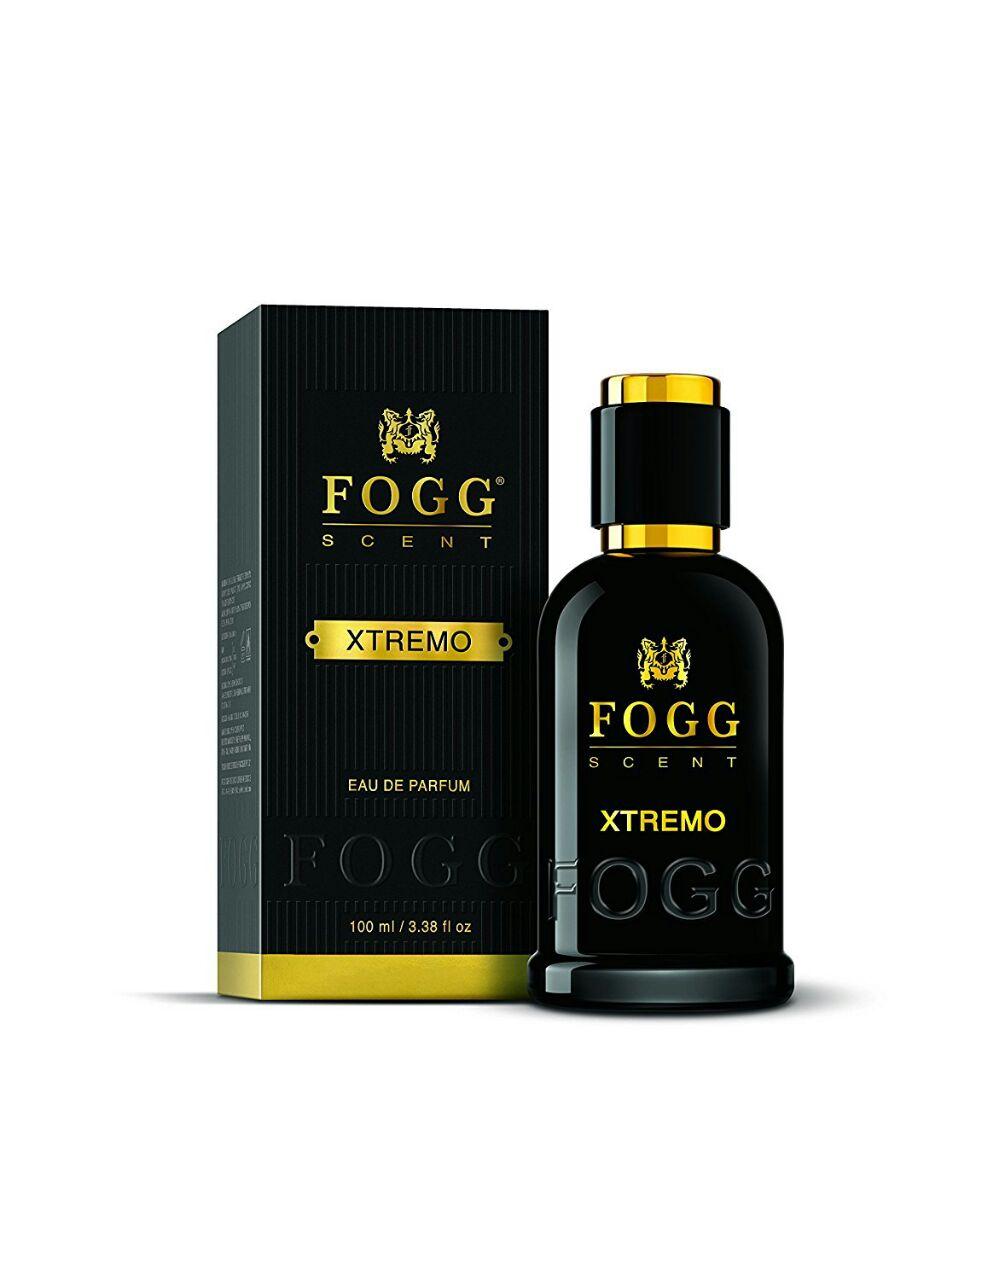 FOGG 90 ML XTREMO PERFUME